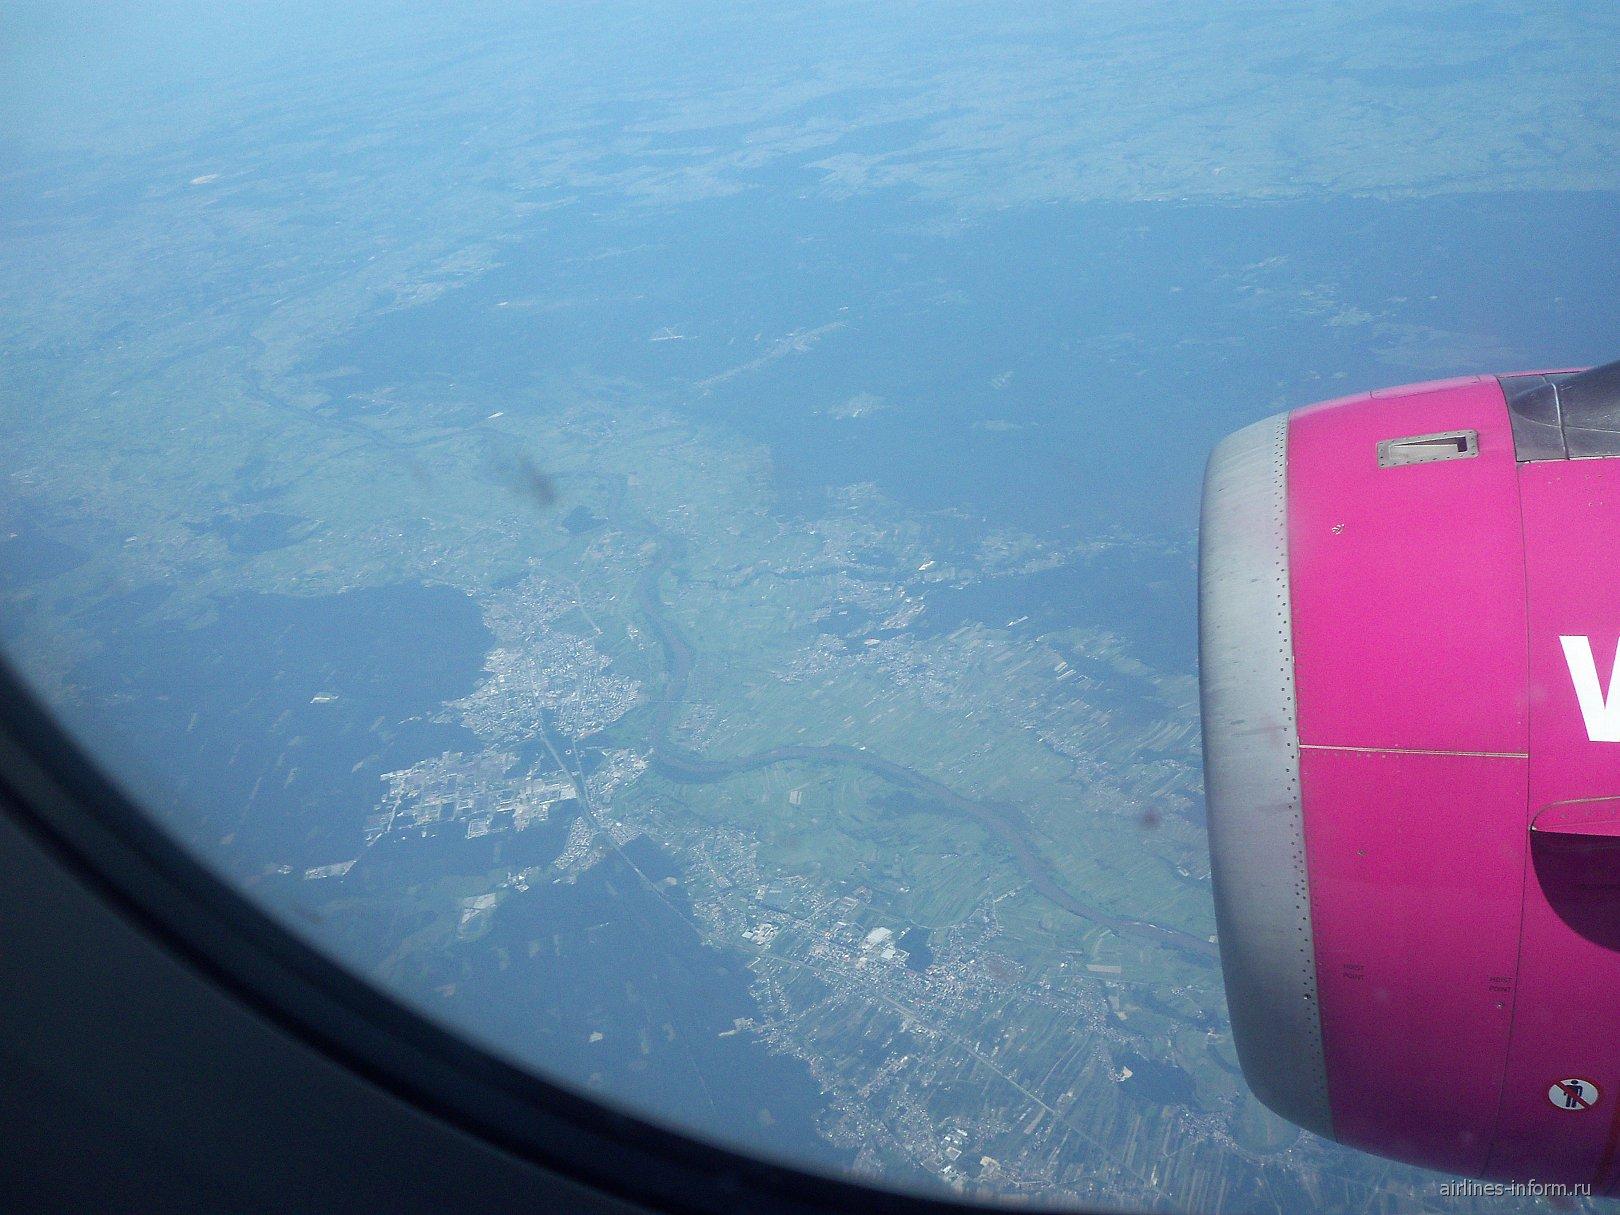 WizzAir Киев-Катовице без комментариев